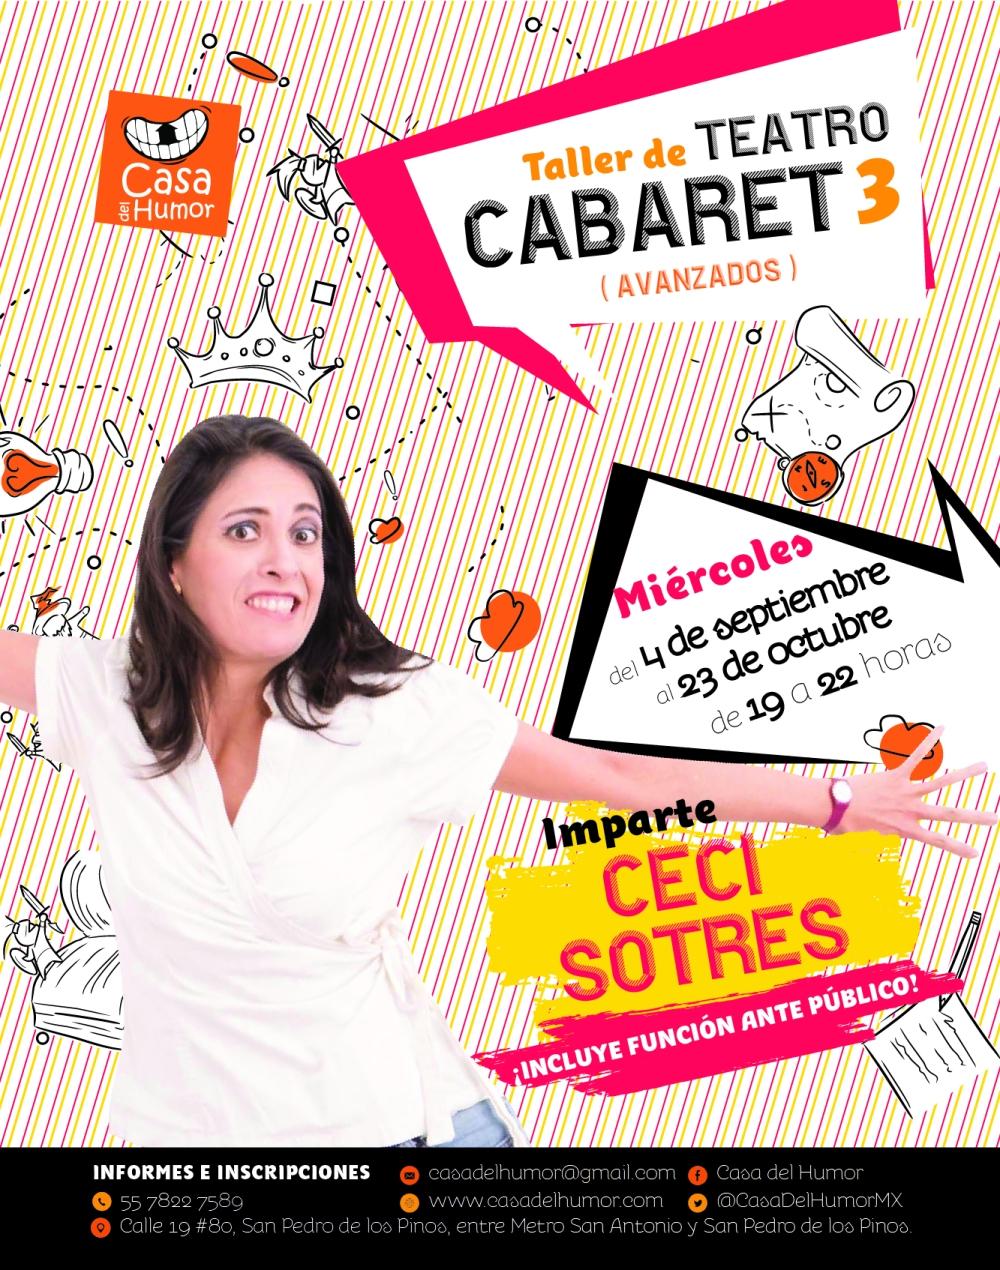 Casa_del_humor_cabaret3_avanzados_ceci_sotres-01